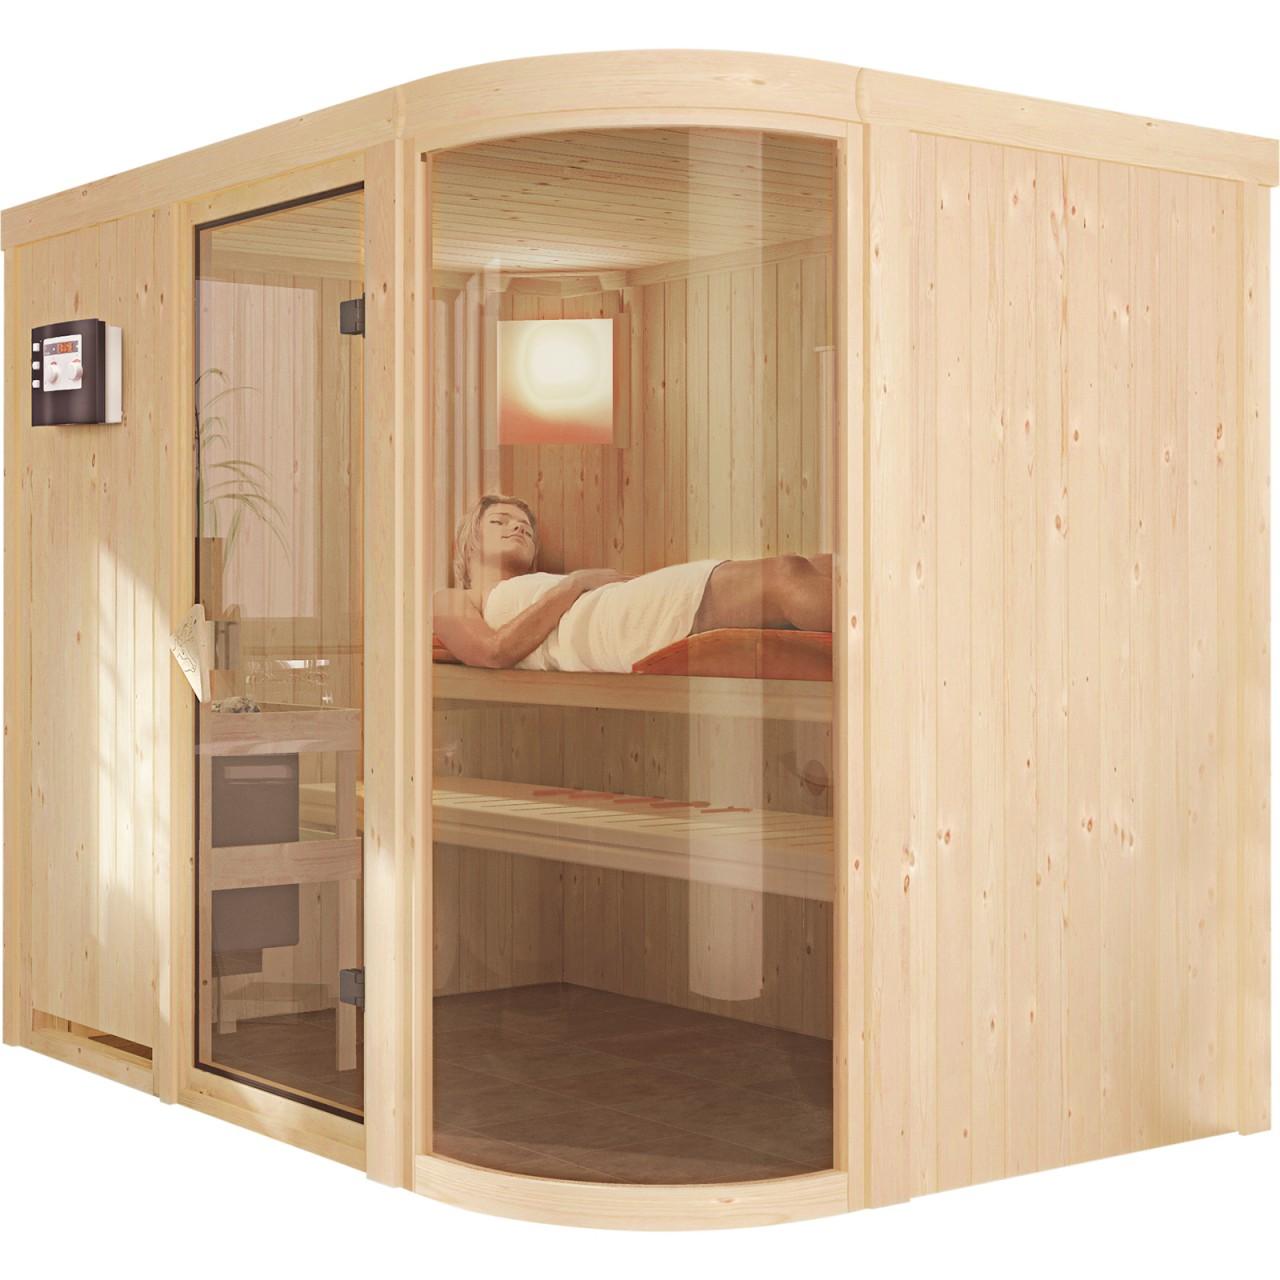 Sauna PARIMA 4 2,31 x 1,70 m 68 mm mit 9 kW Ofen 9.0 kW Bio-Kombiofen ext. Steuerung